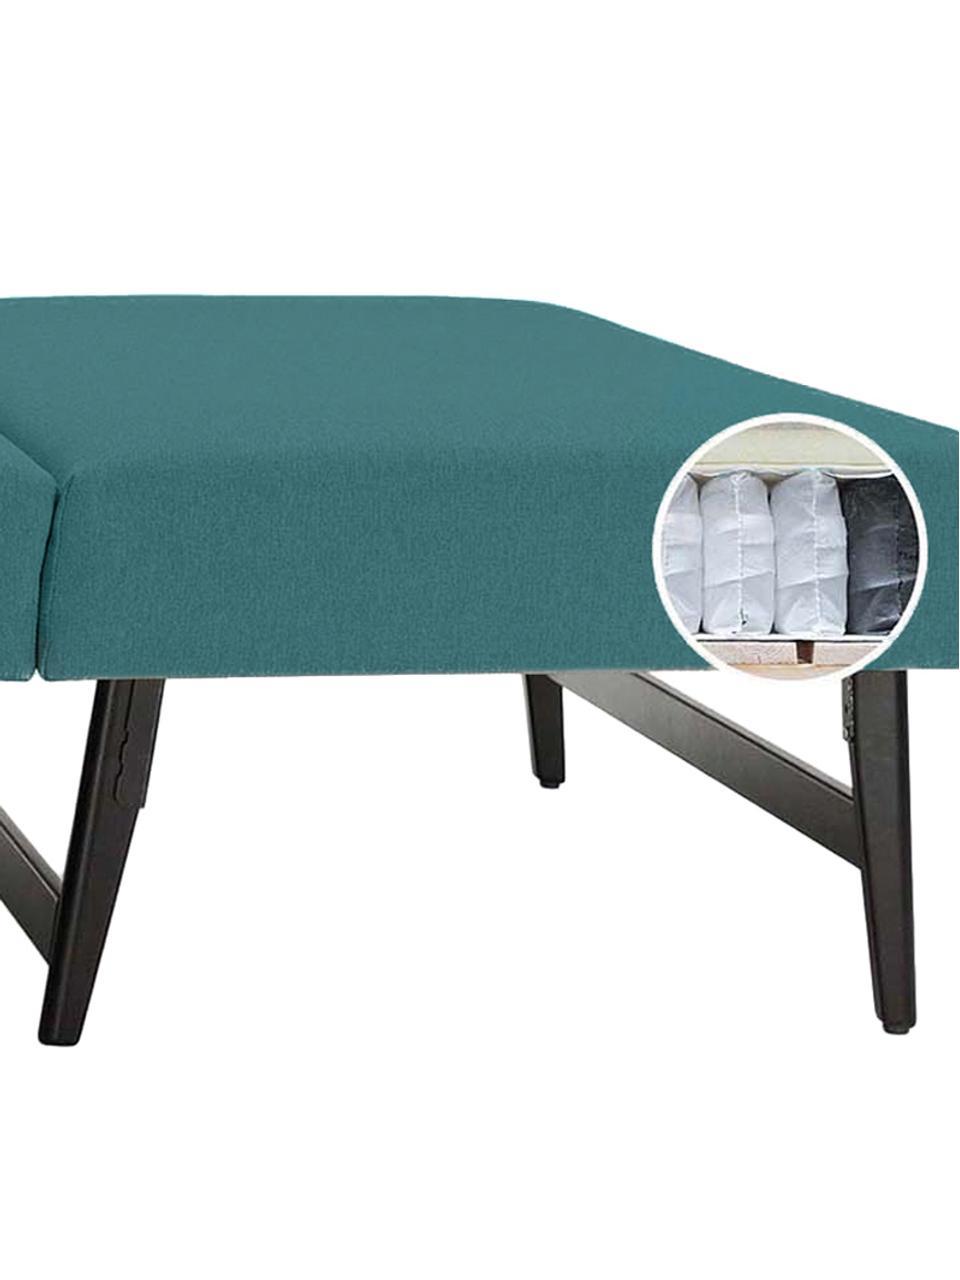 Schlafsofa Bruno (3-Sitzer) in Türkis, ausklappbar, Bezug: Pflegeleichtes robustes P, Rahmen: Massivholz, Webstoff Türkis, B 200 x T 84 cm